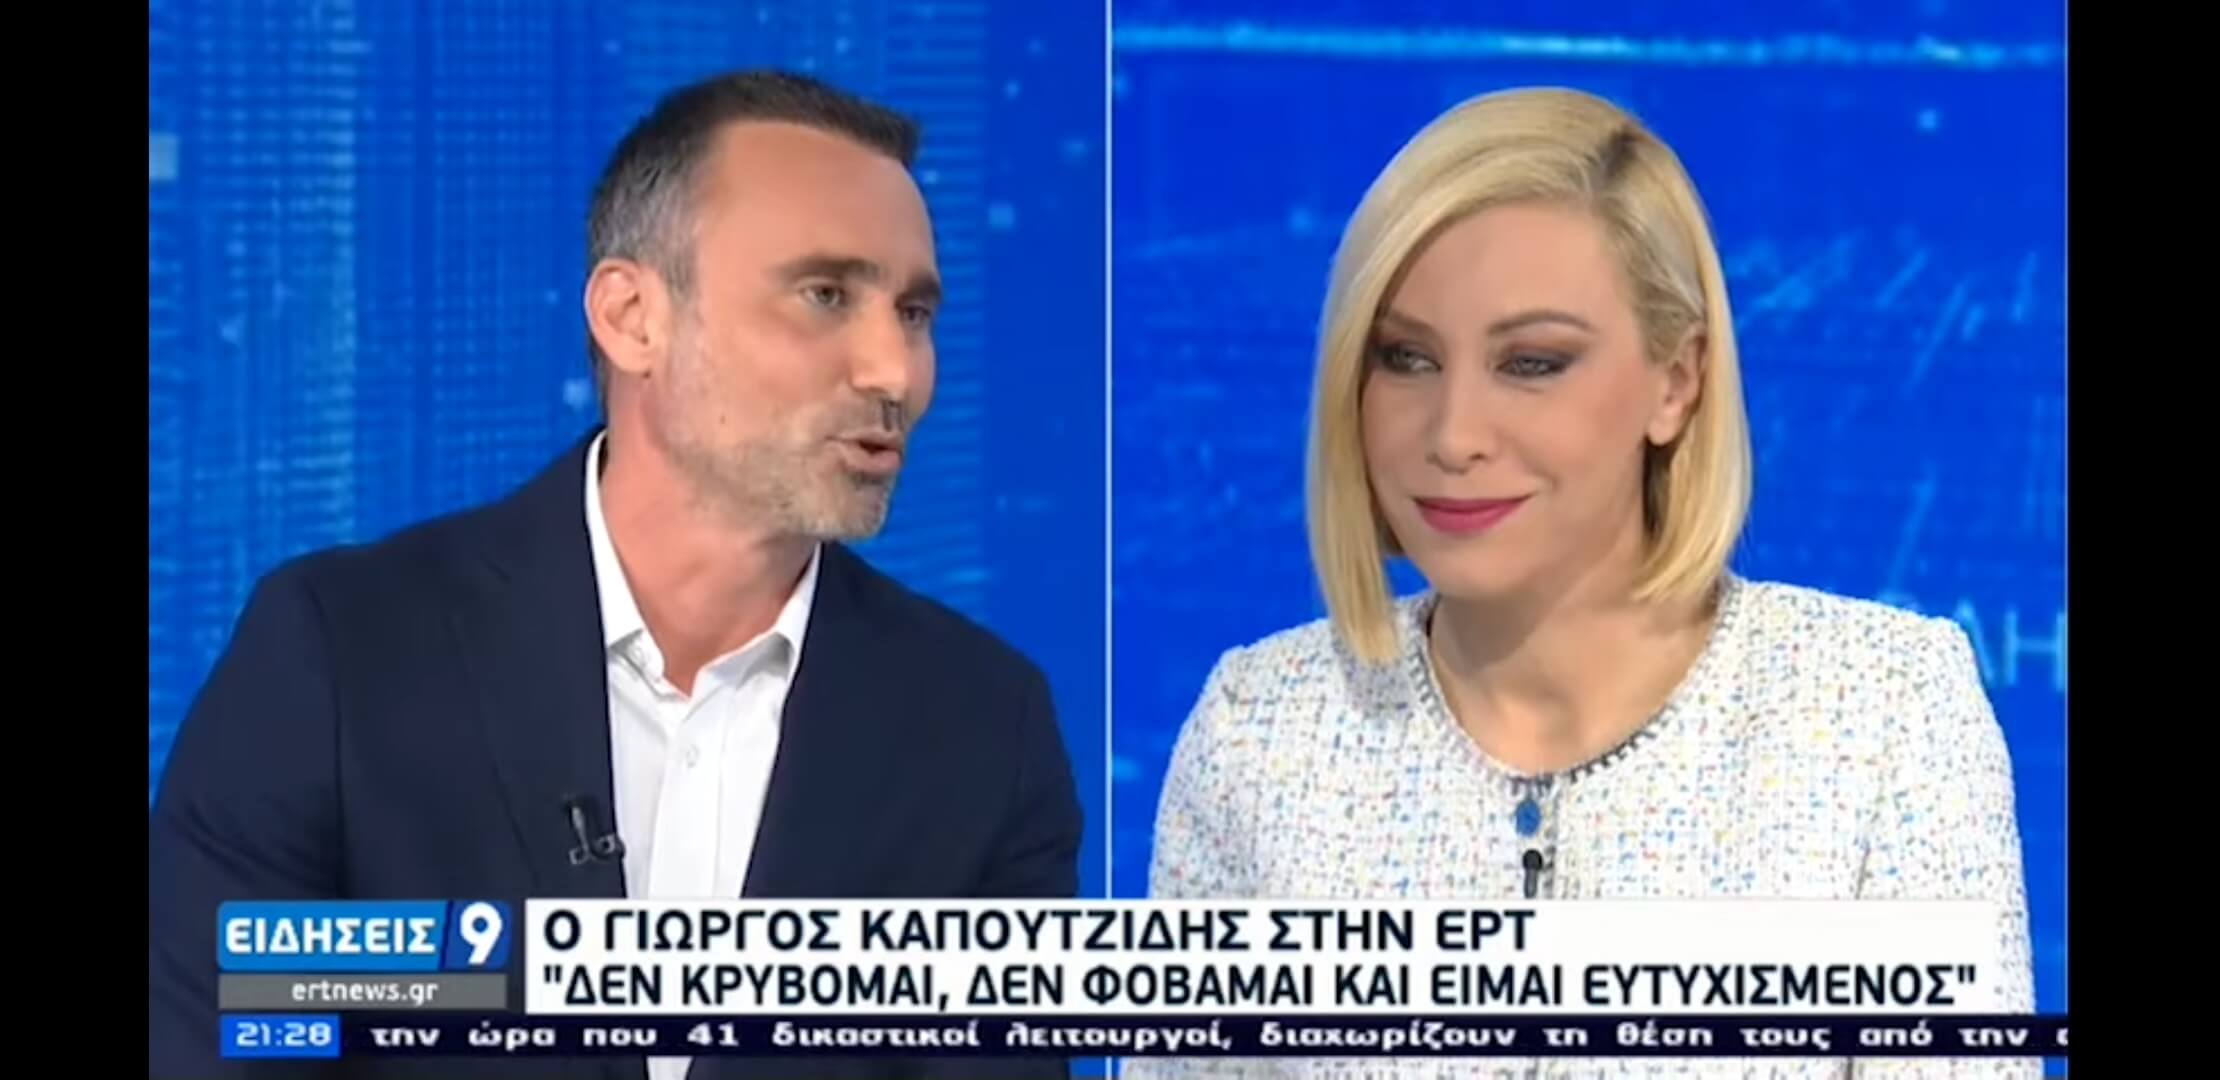 Αποστομωτικός Γιώργος Καπουτζίδης στην ΕΡΤ: